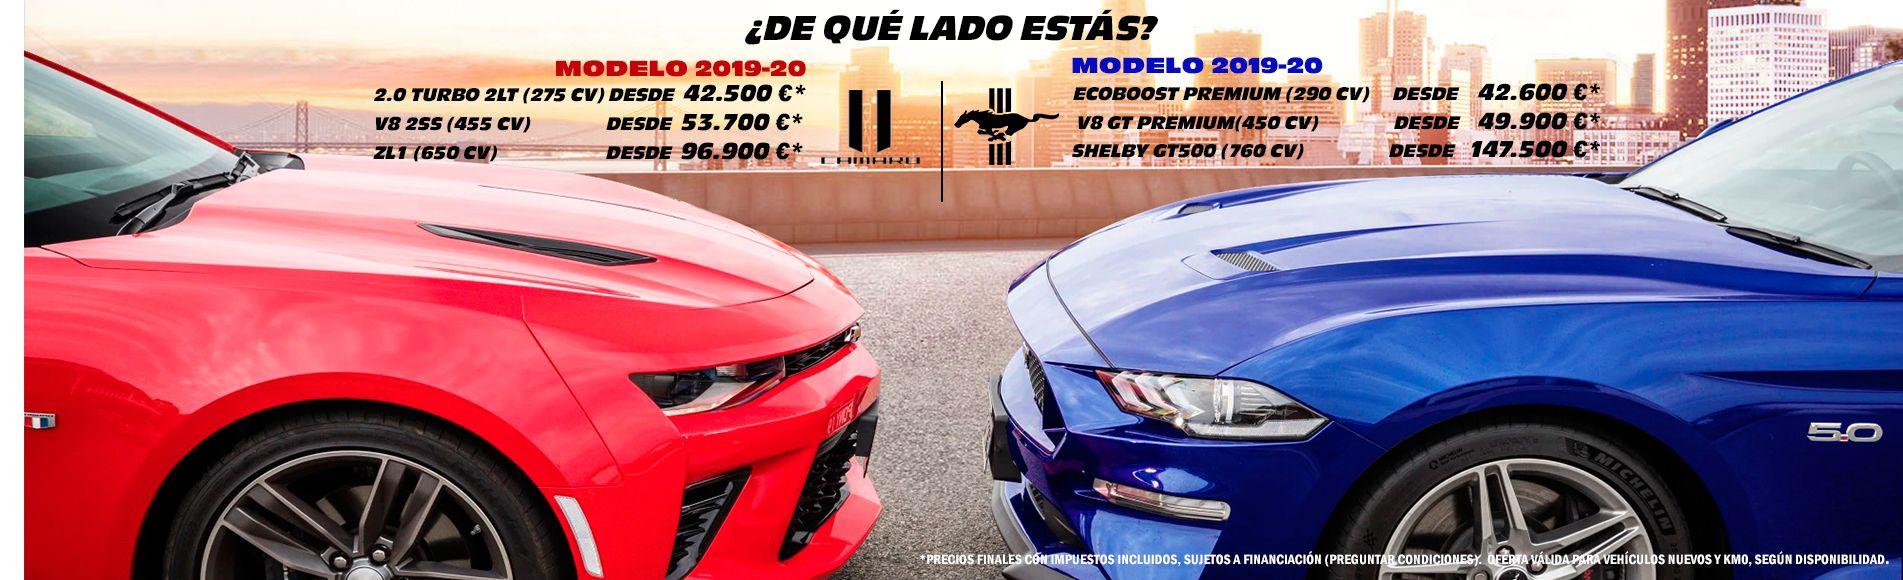 concesionario de coches americanos precio mustang camaro españa oferta oficial garantia importacion